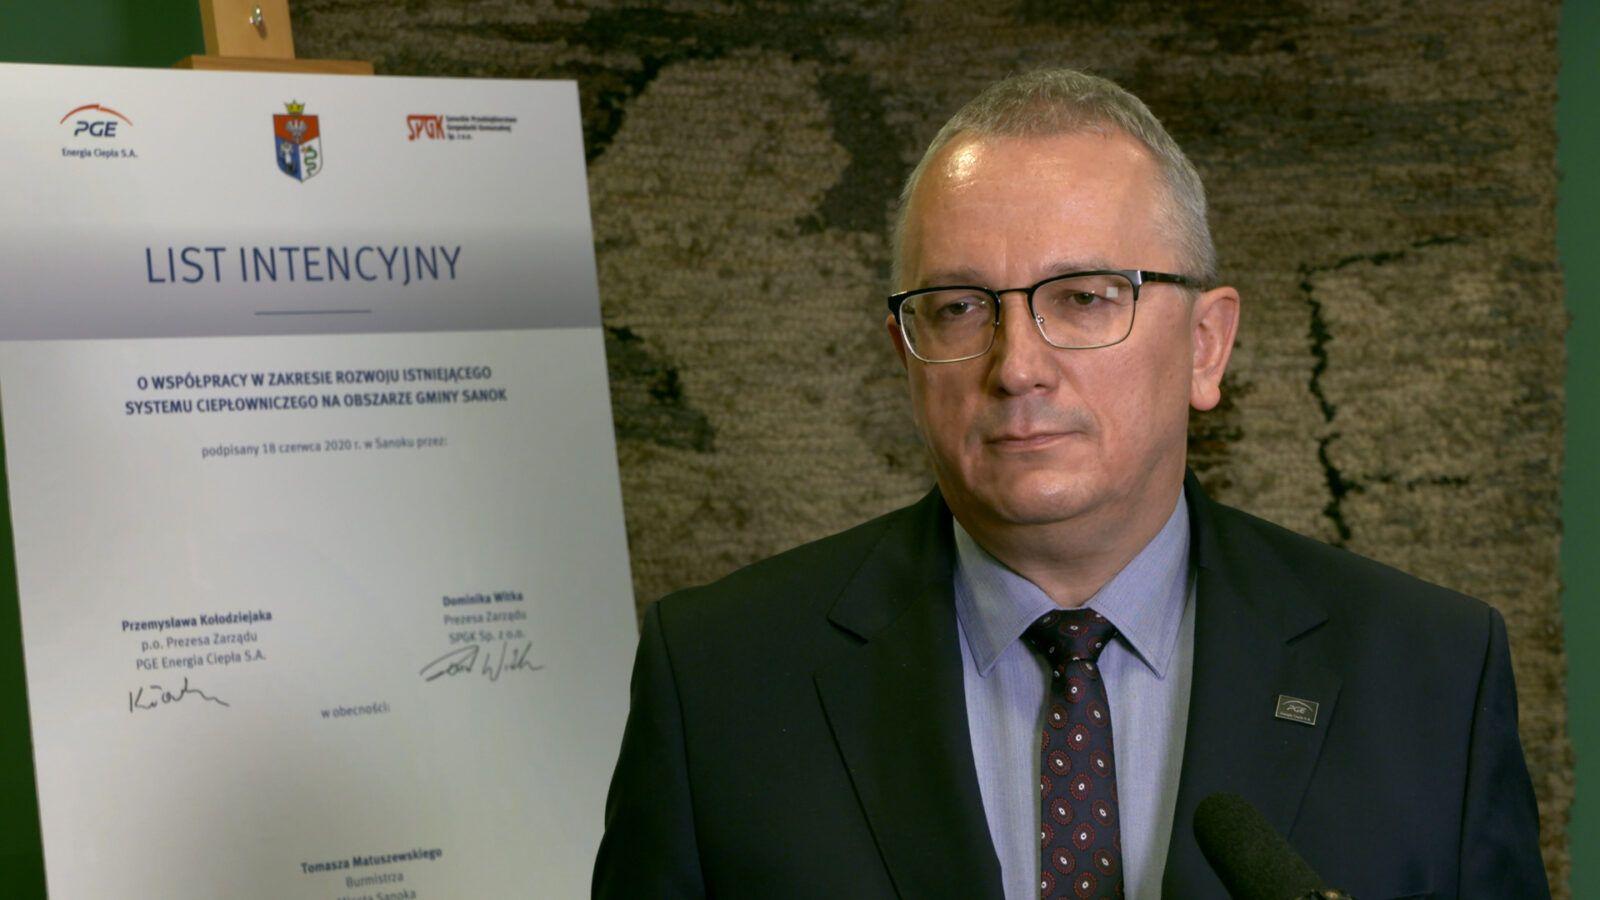 Infrastruktura ciepłownicza w polskich miastach wymaga modernizacji. Pandemia nie wpłynie na poziom inwestycji